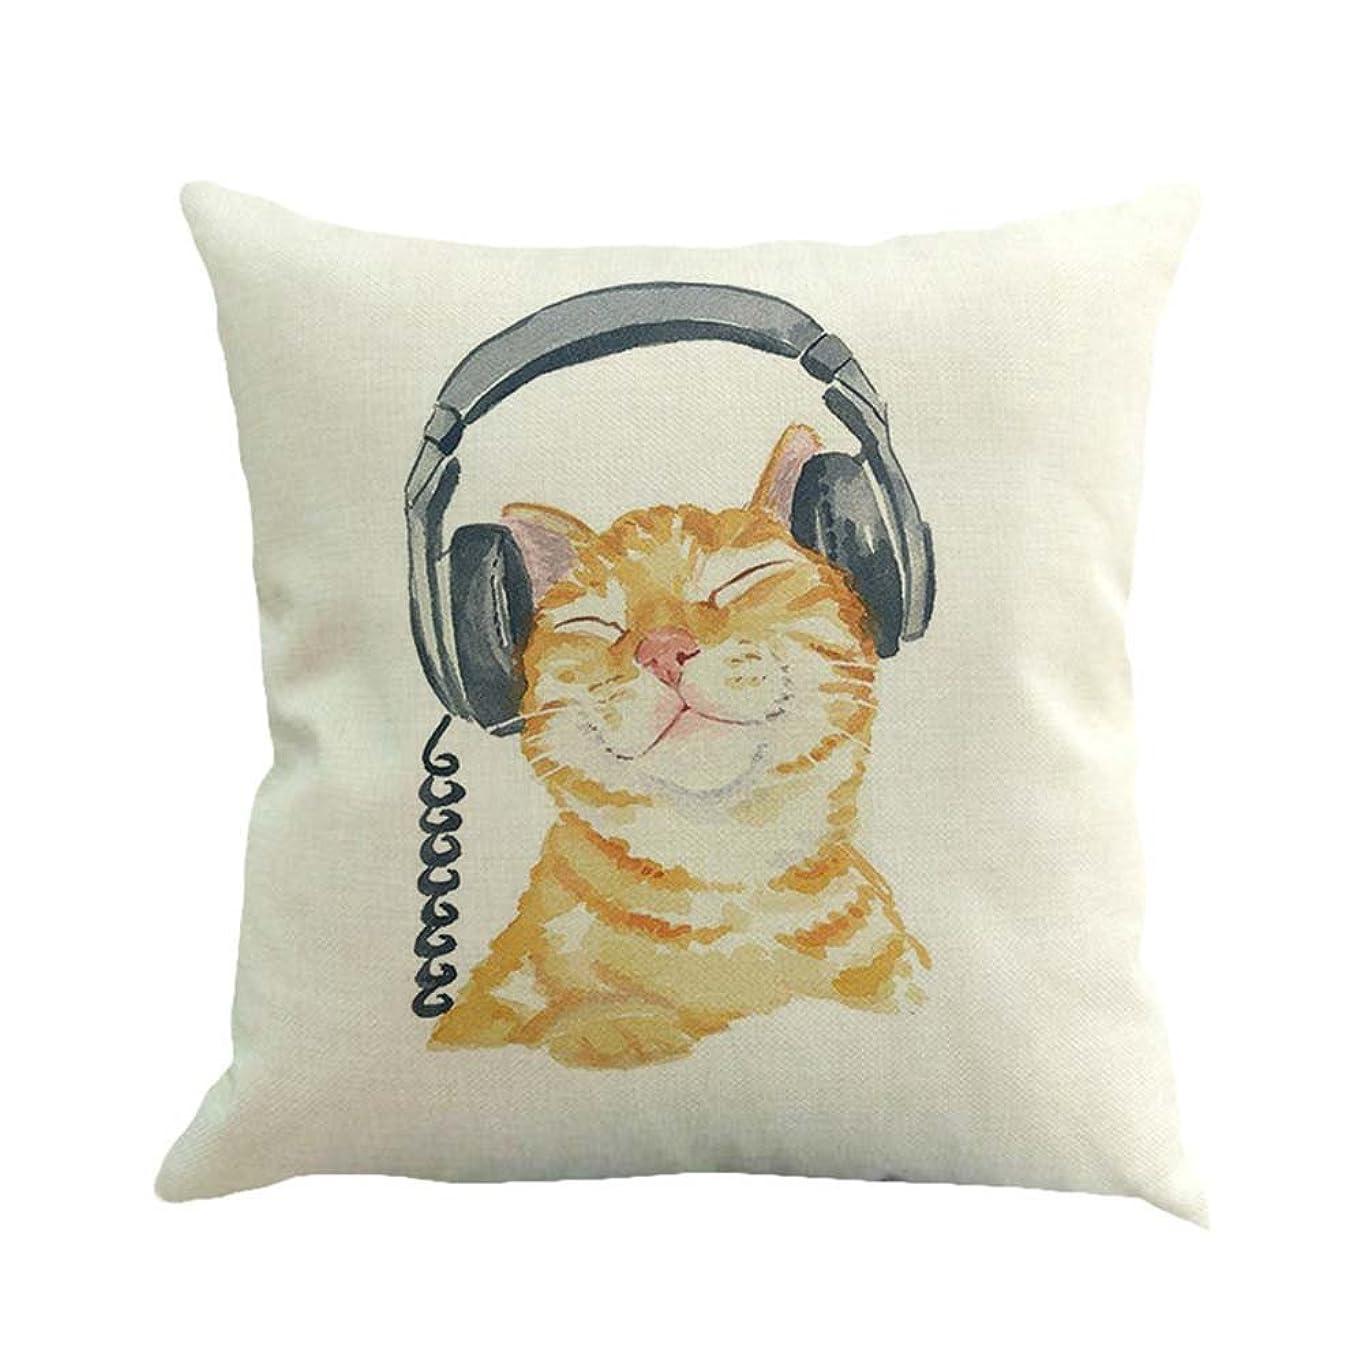 とげみ関連付けるボコダダ(Vocodada)クッションカバー 枕カバー 猫 可愛い おしゃれ 抱き枕 北欧 片面プリント リネン生地 ホーム 背当て 部屋 オフィス 車用 洗濯機で洗えます 雑貨 インテリア 45×45cm